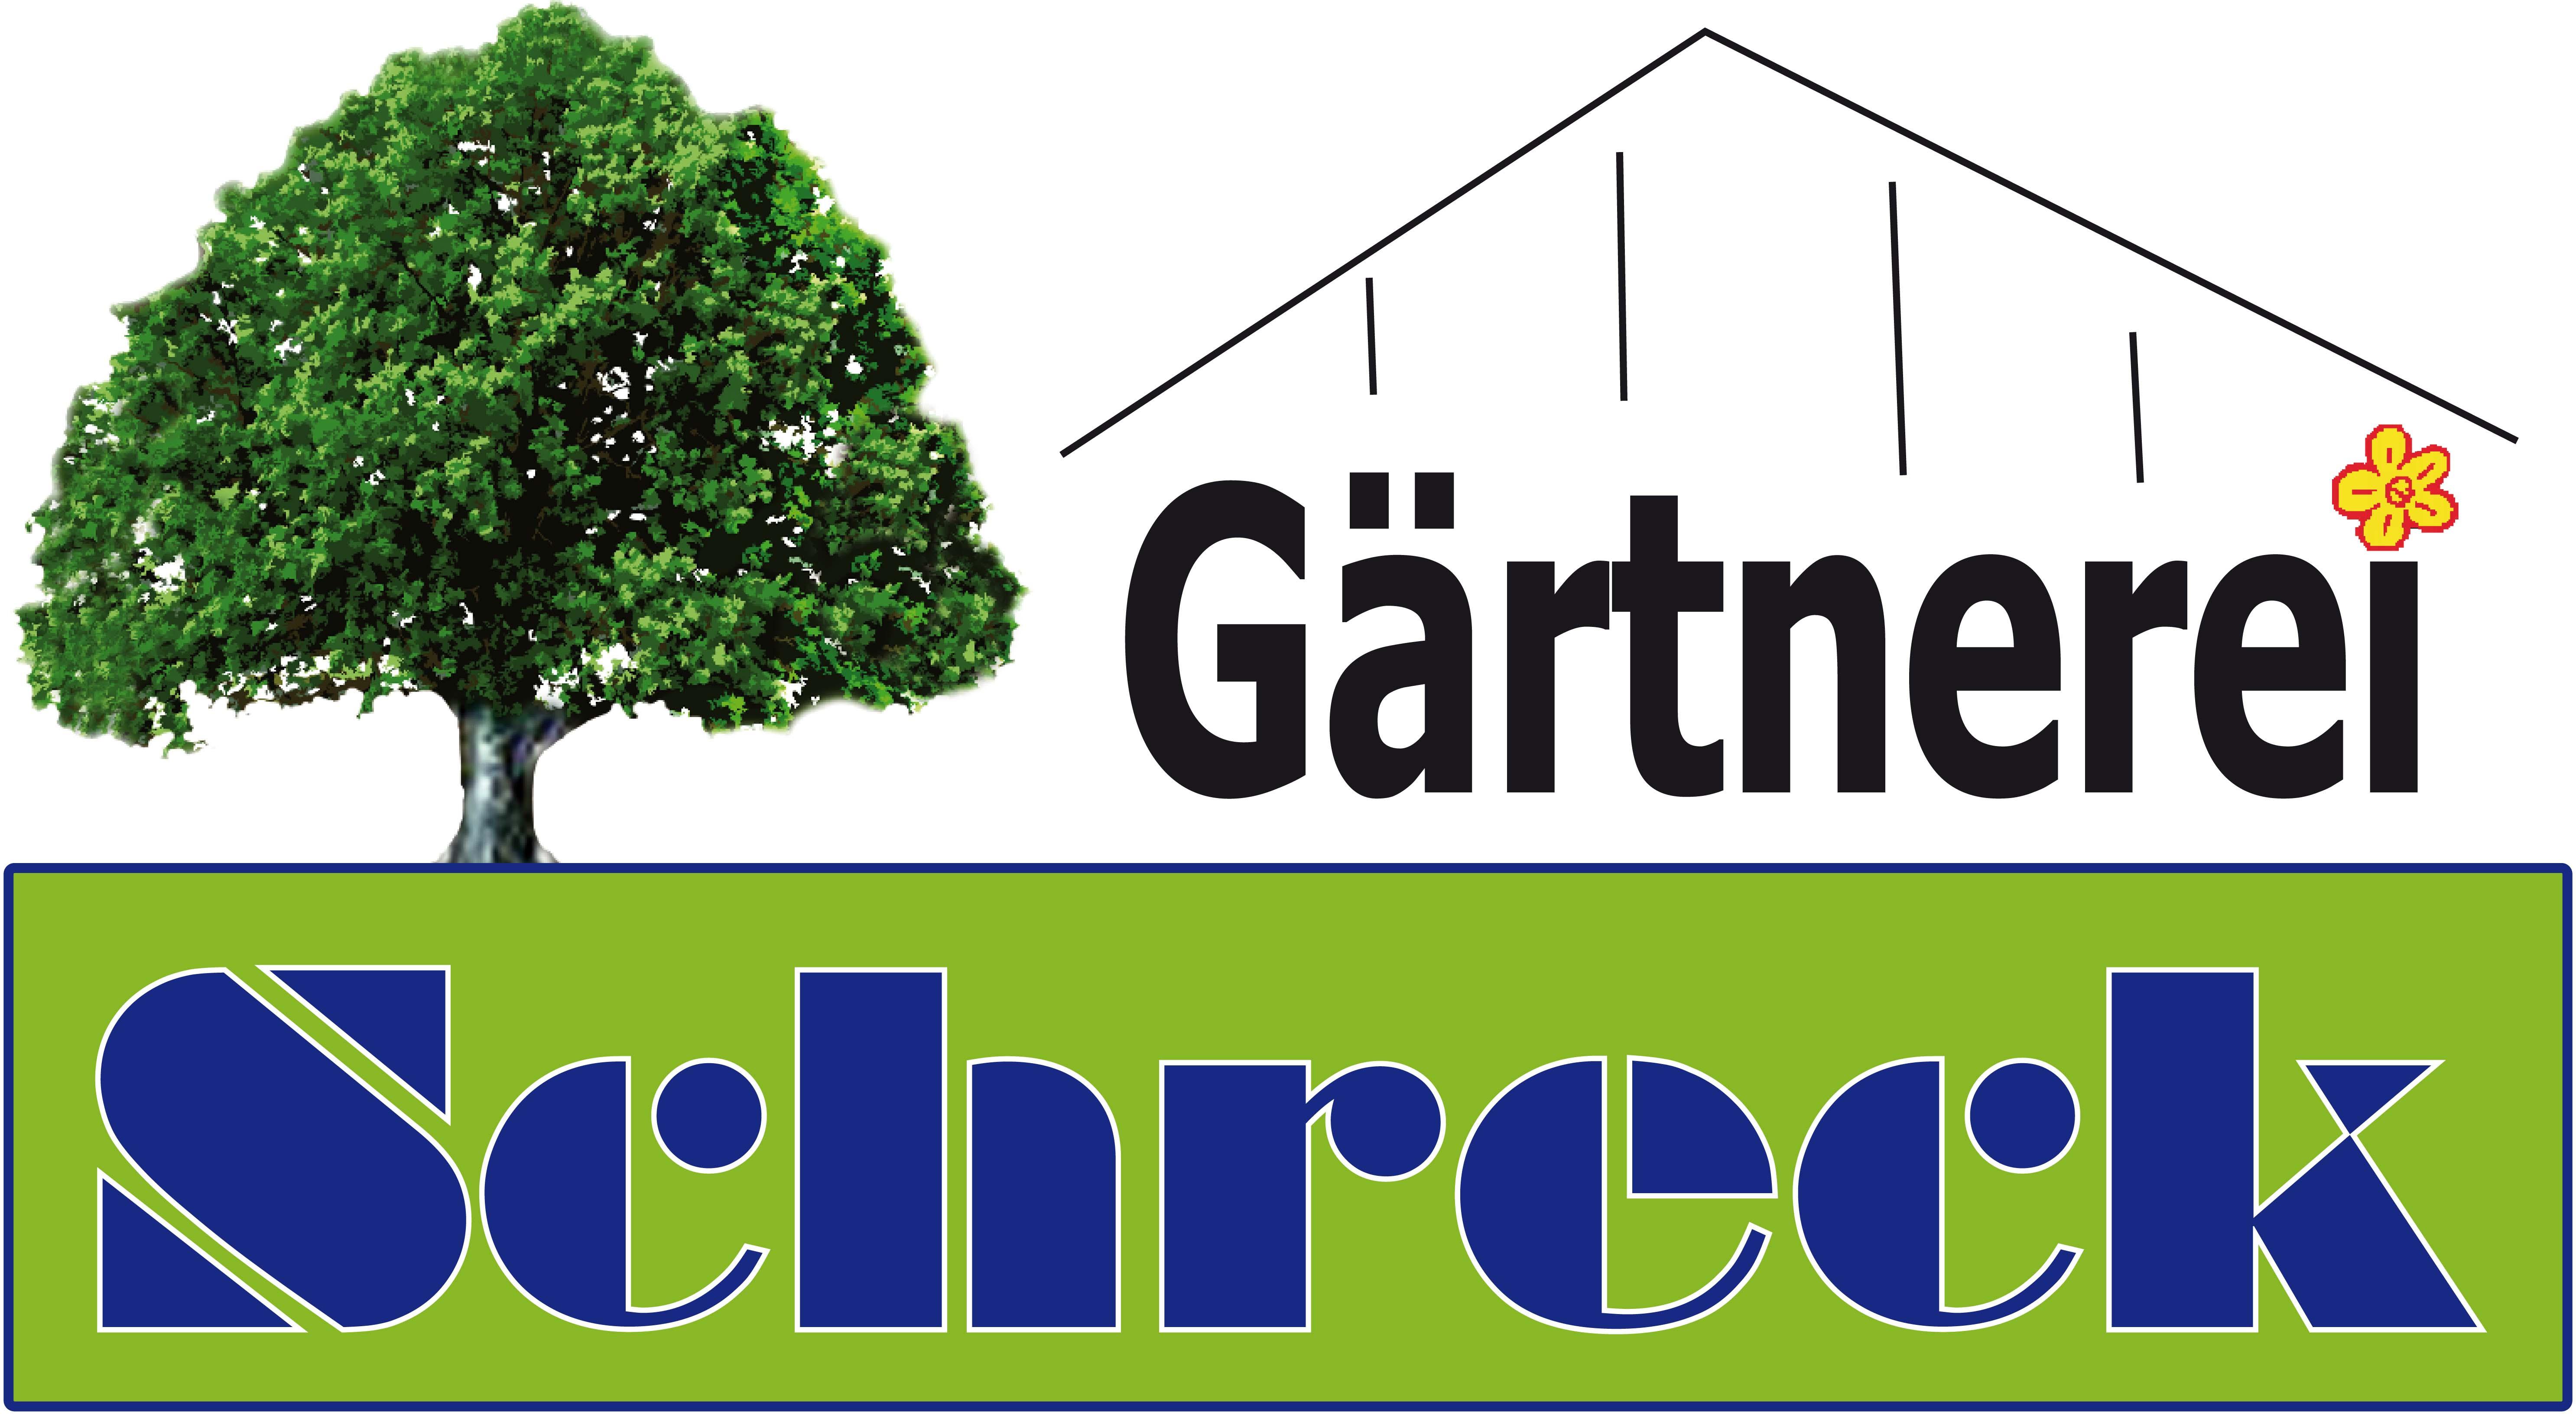 Gärtnerei Schreck - Ihre freundliche Gärtnerei für Delmenhorst, Bremen und umzu